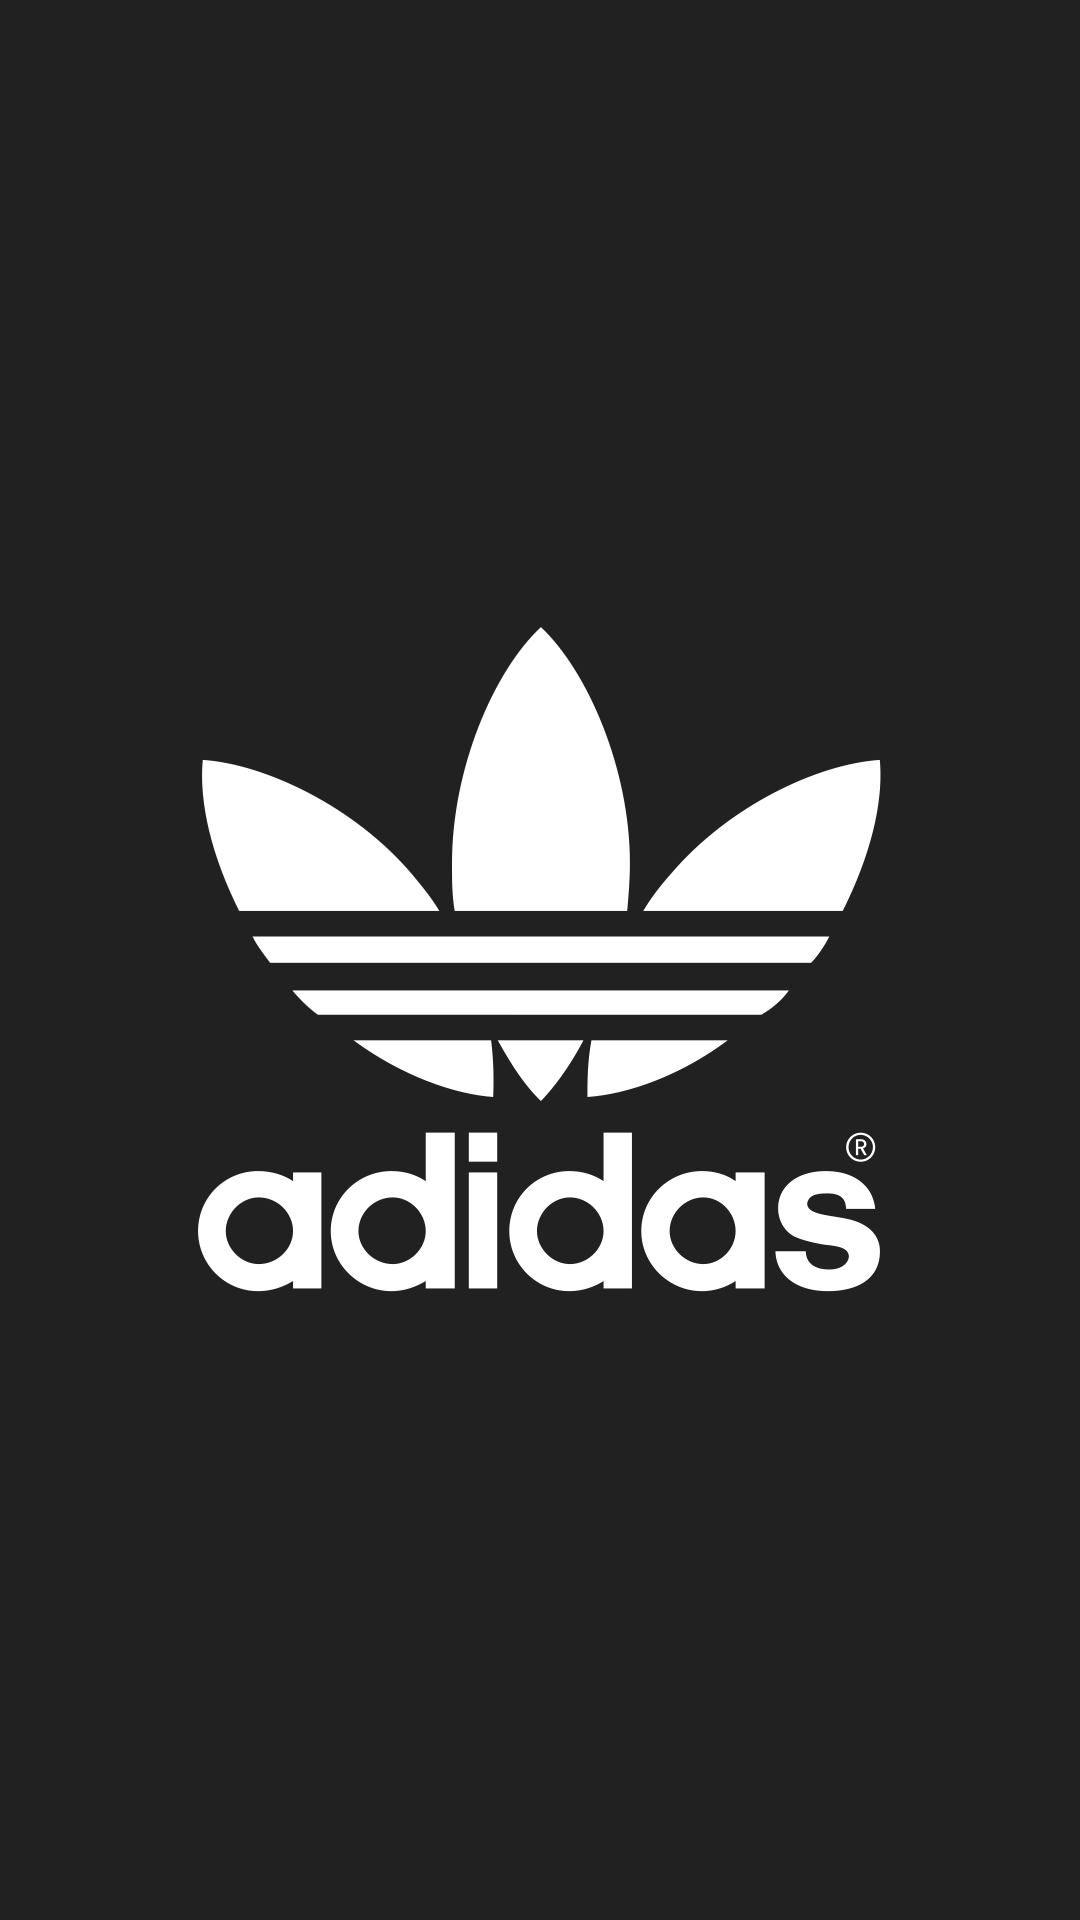 Adidas10 アディダス Adidas ロゴ アディダス ピンク